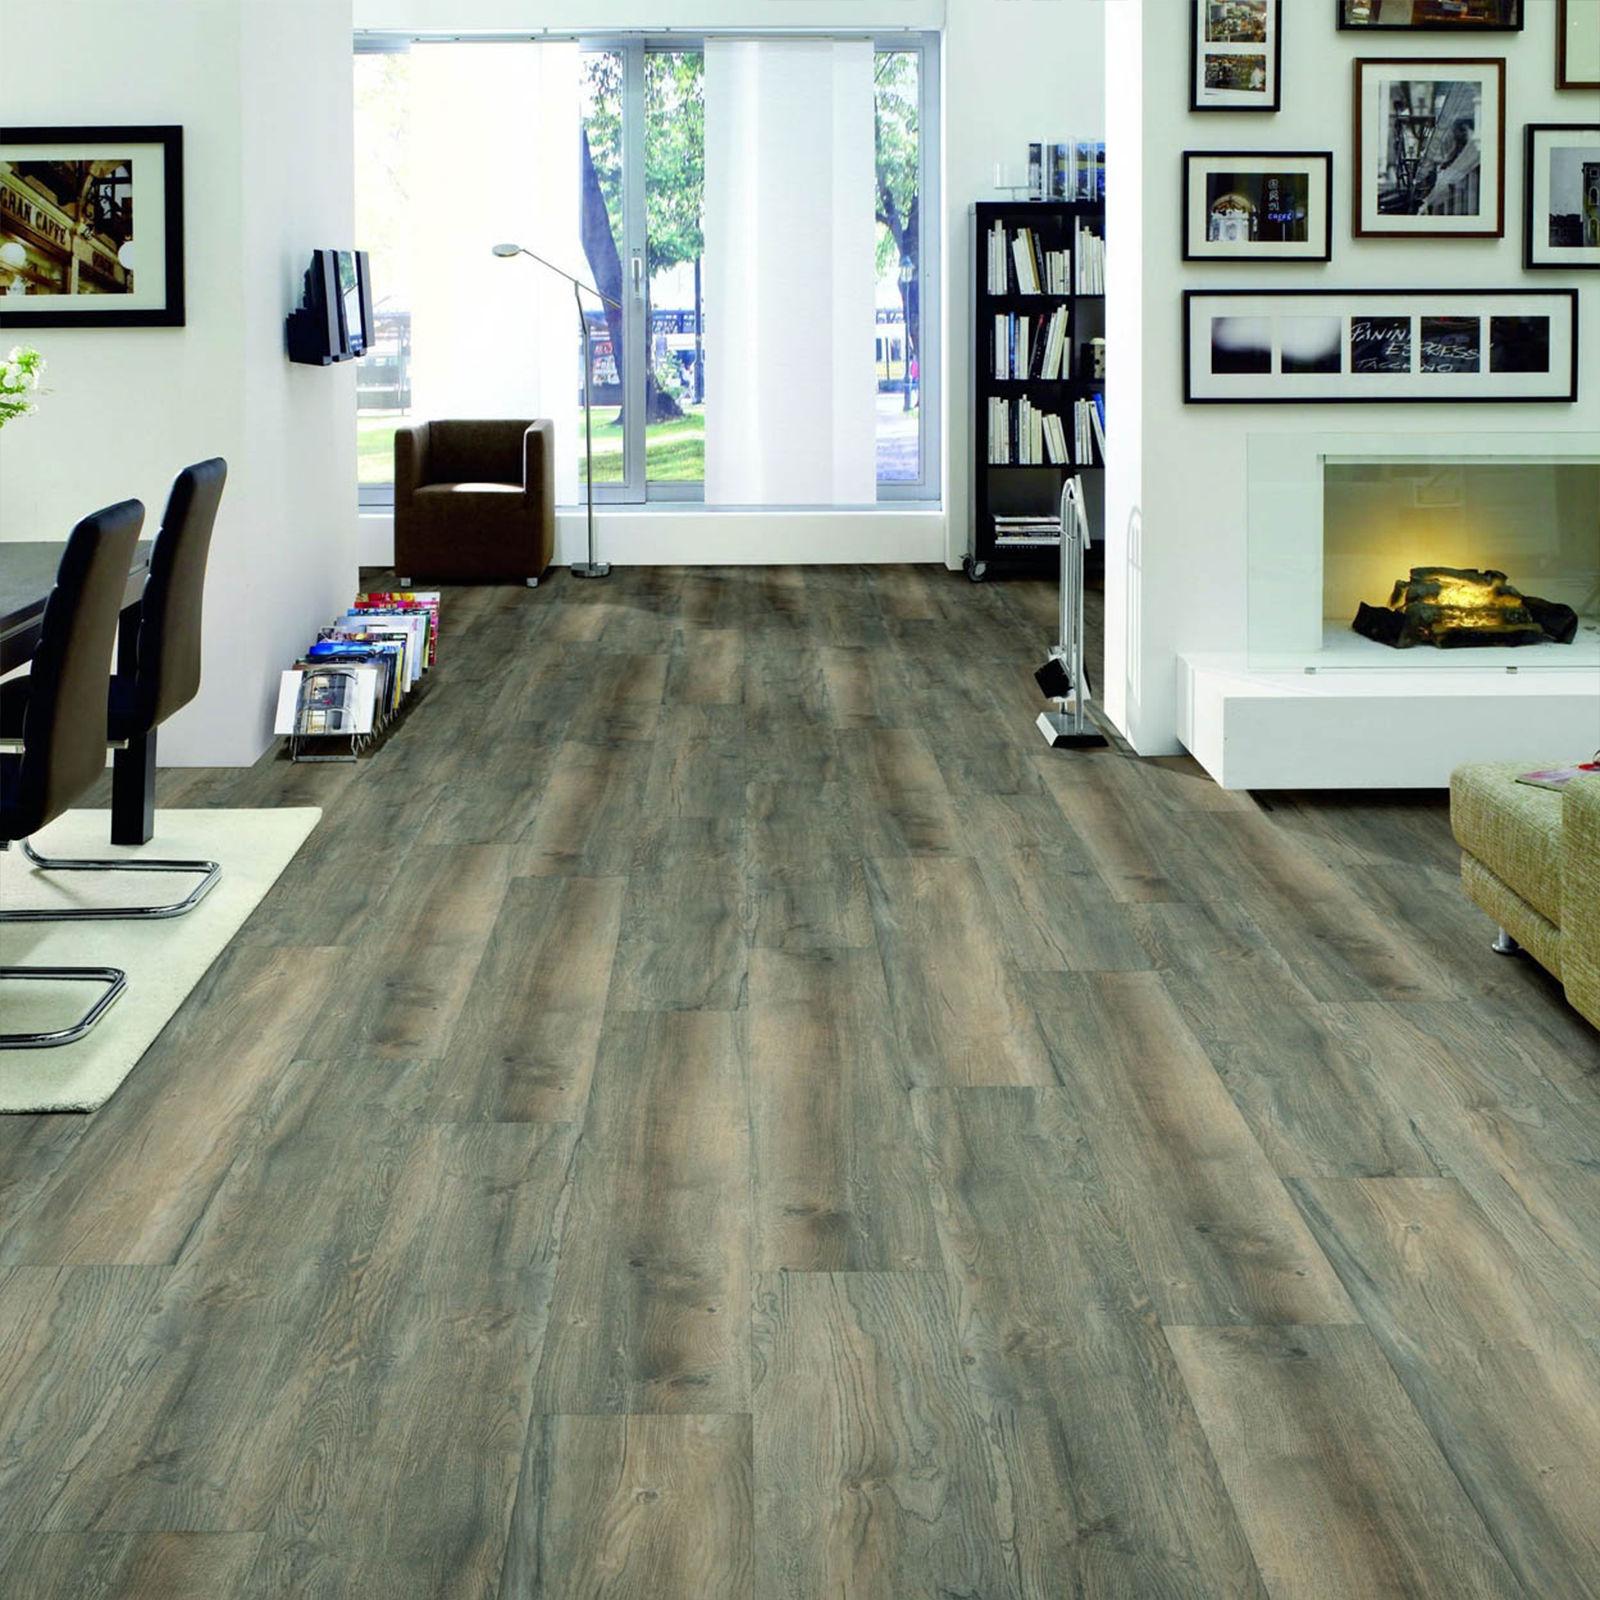 hori vinylboden klick pvc boden burgeiche chalet nizza fase d mmung leisten ebay. Black Bedroom Furniture Sets. Home Design Ideas